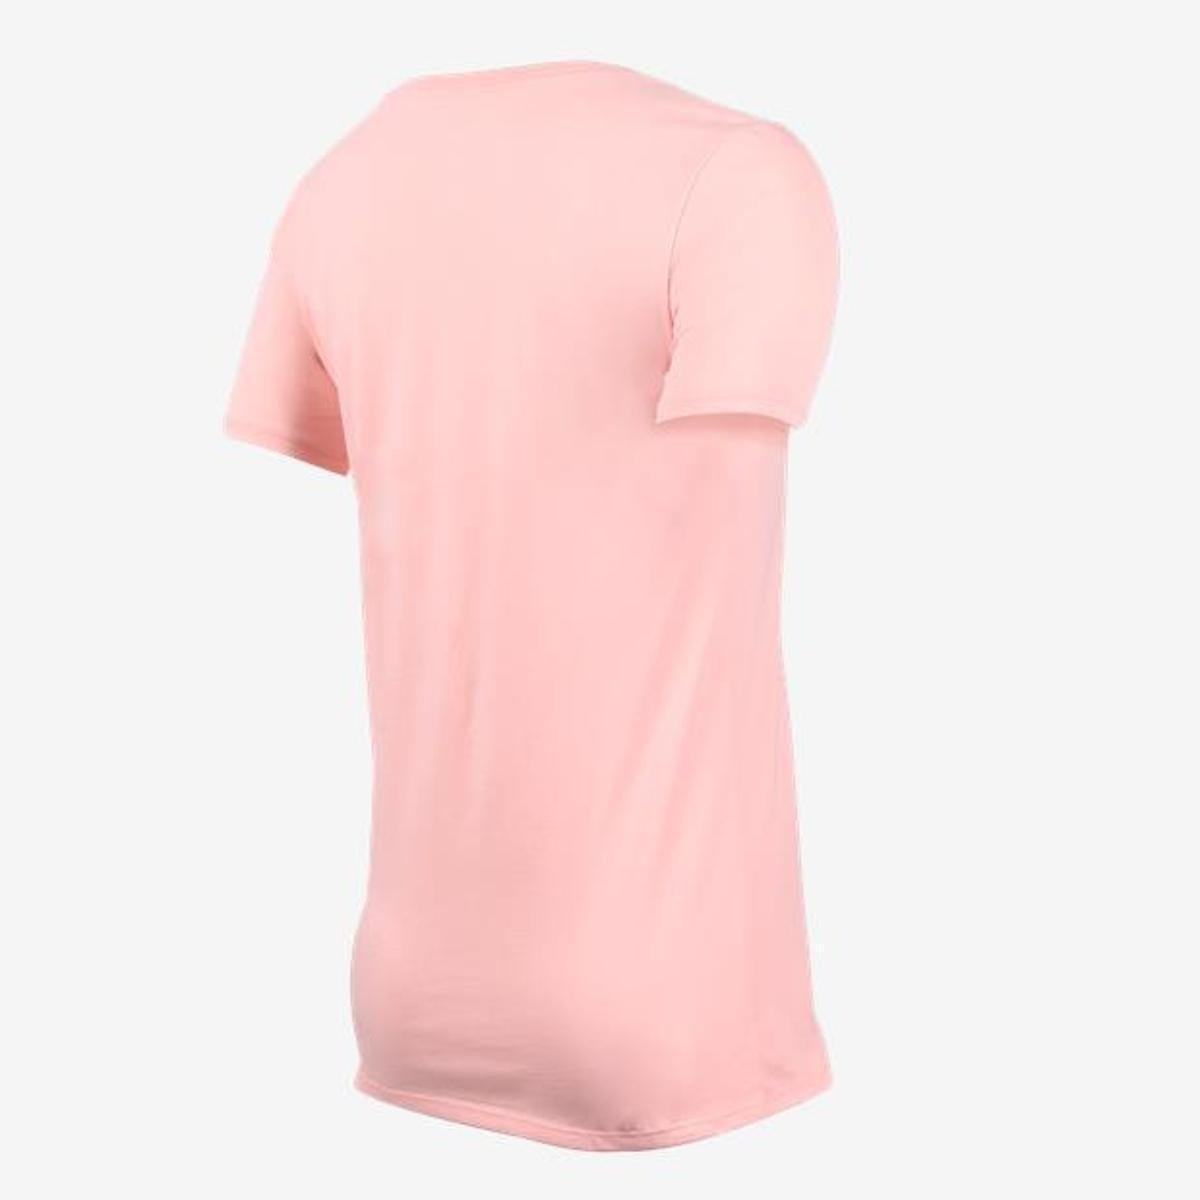 Camiseta Camiseta Art Nike Nike Feminina Apla Rosa Scoop qUpTqRrw